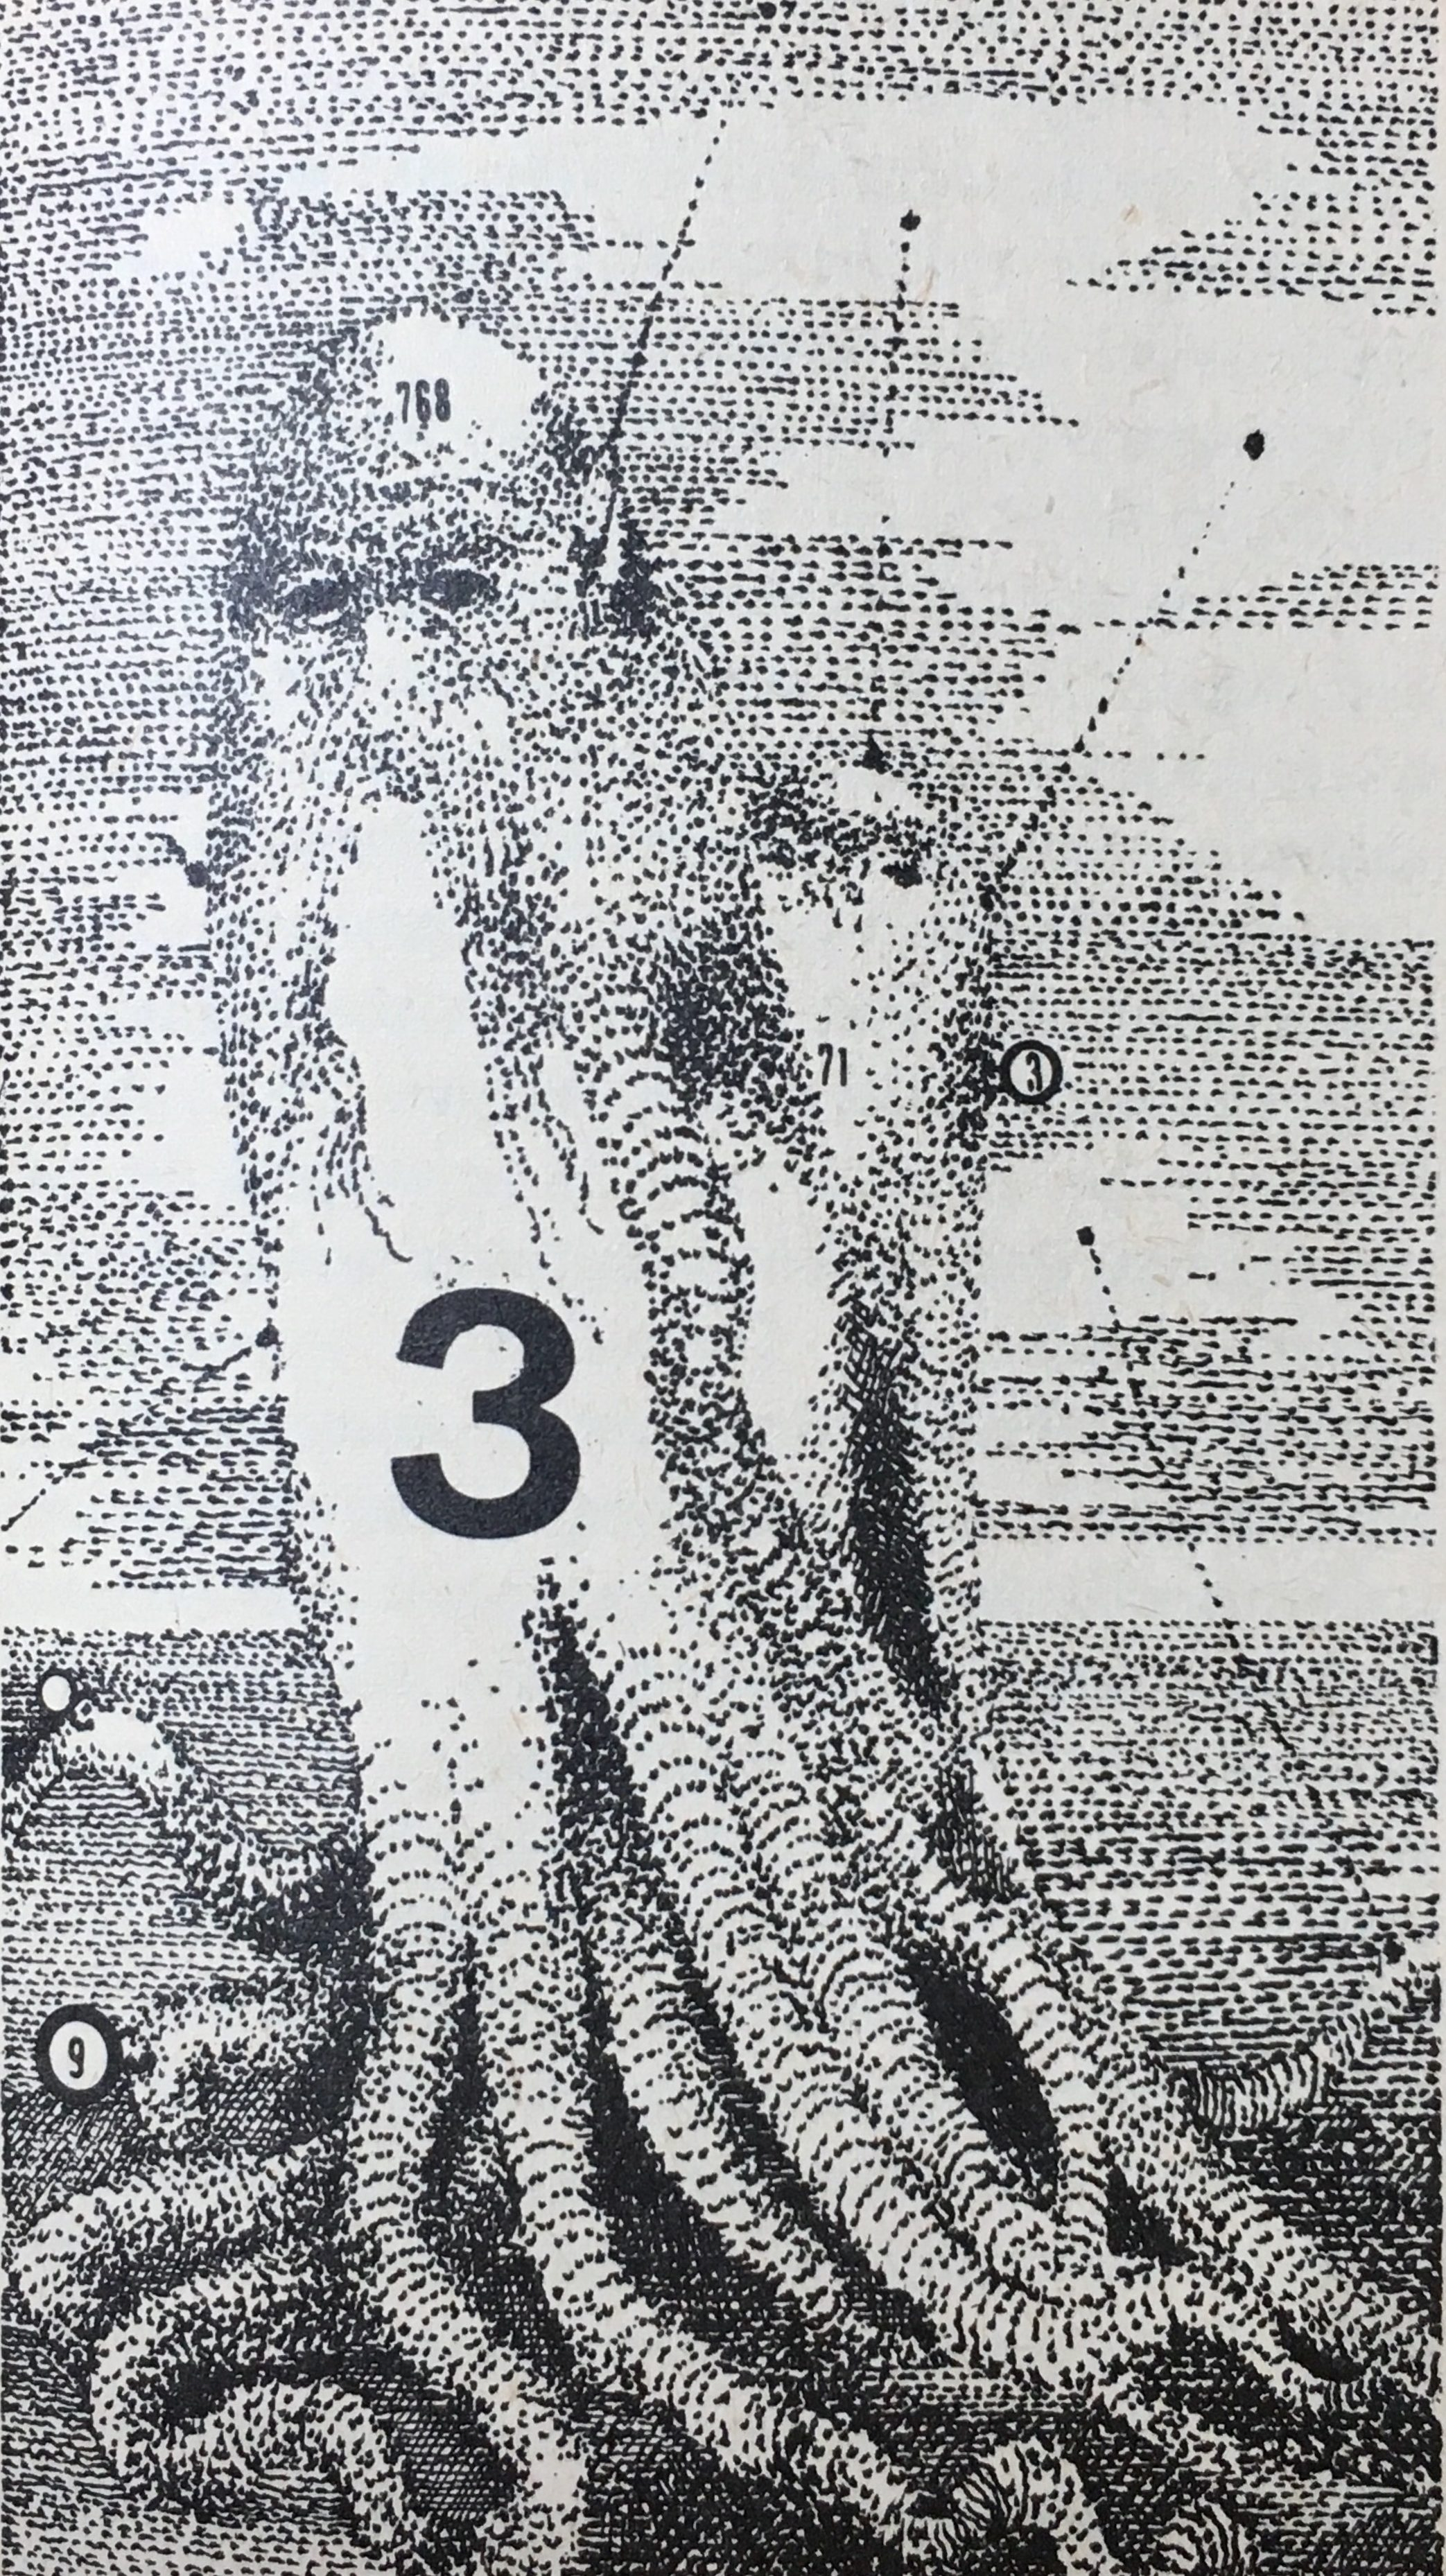 Mittag 22. Jahrhundert - Arkadi und Boris Strugazki - Illustrationen: Carl Hoffmann - Von Wanderern und Reisenden